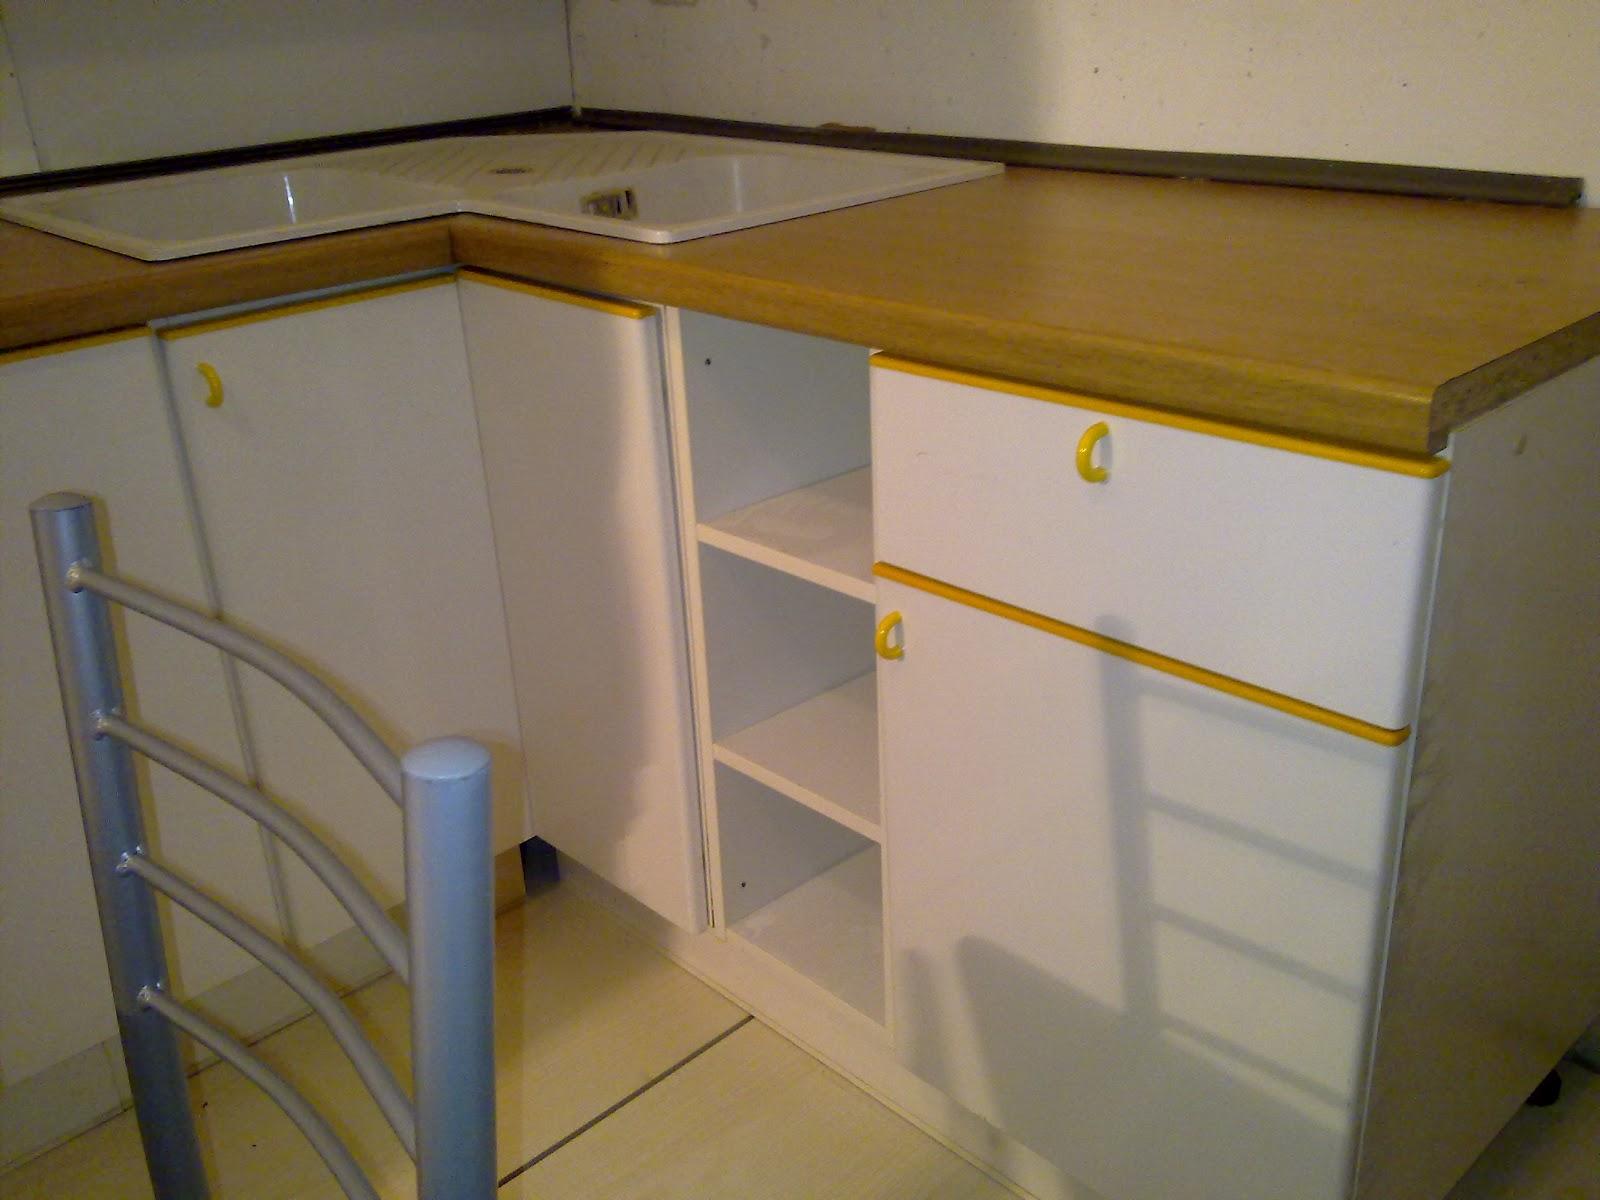 mobili da bagno napoli e provincia ~ mobilia la tua casa - Arredo Bagno Brescia Provincia